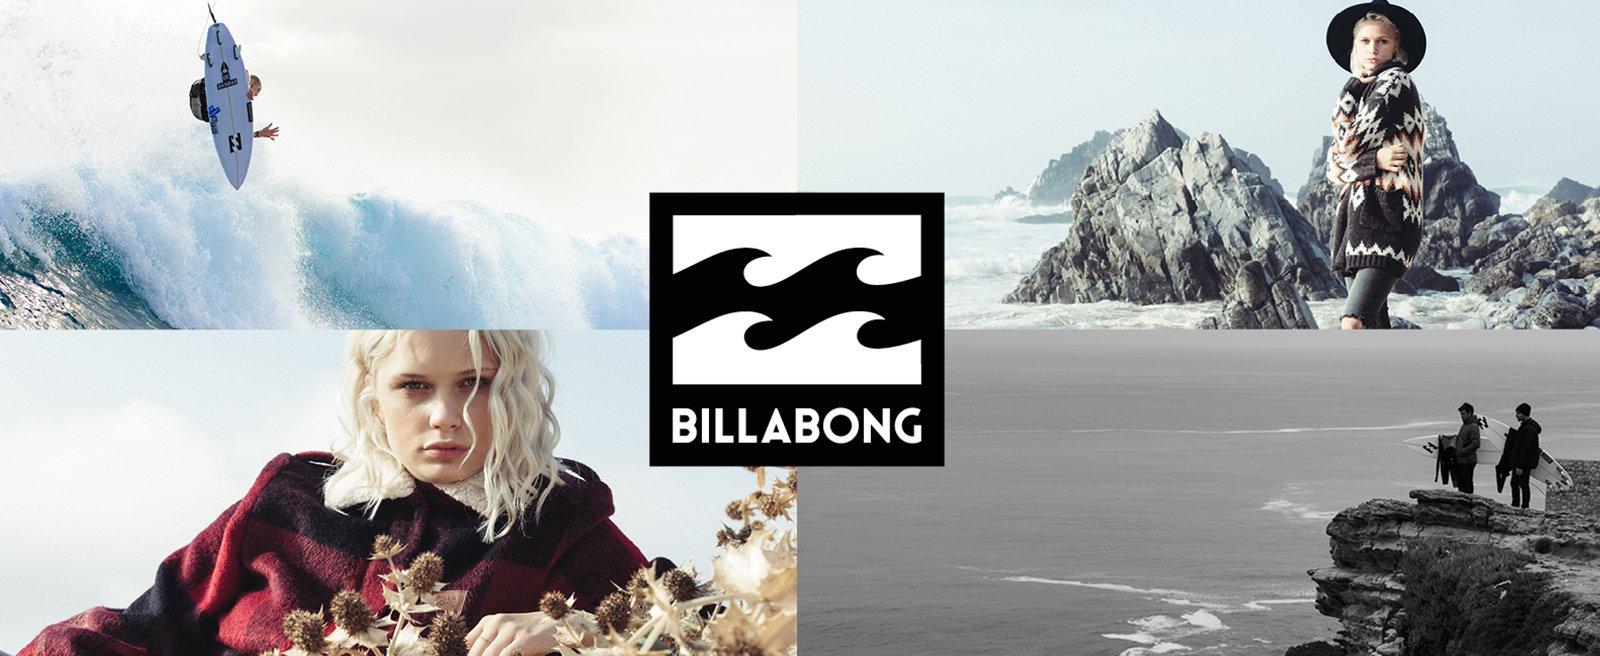 Boutique Billabong - Honfleur Normandy Outlet